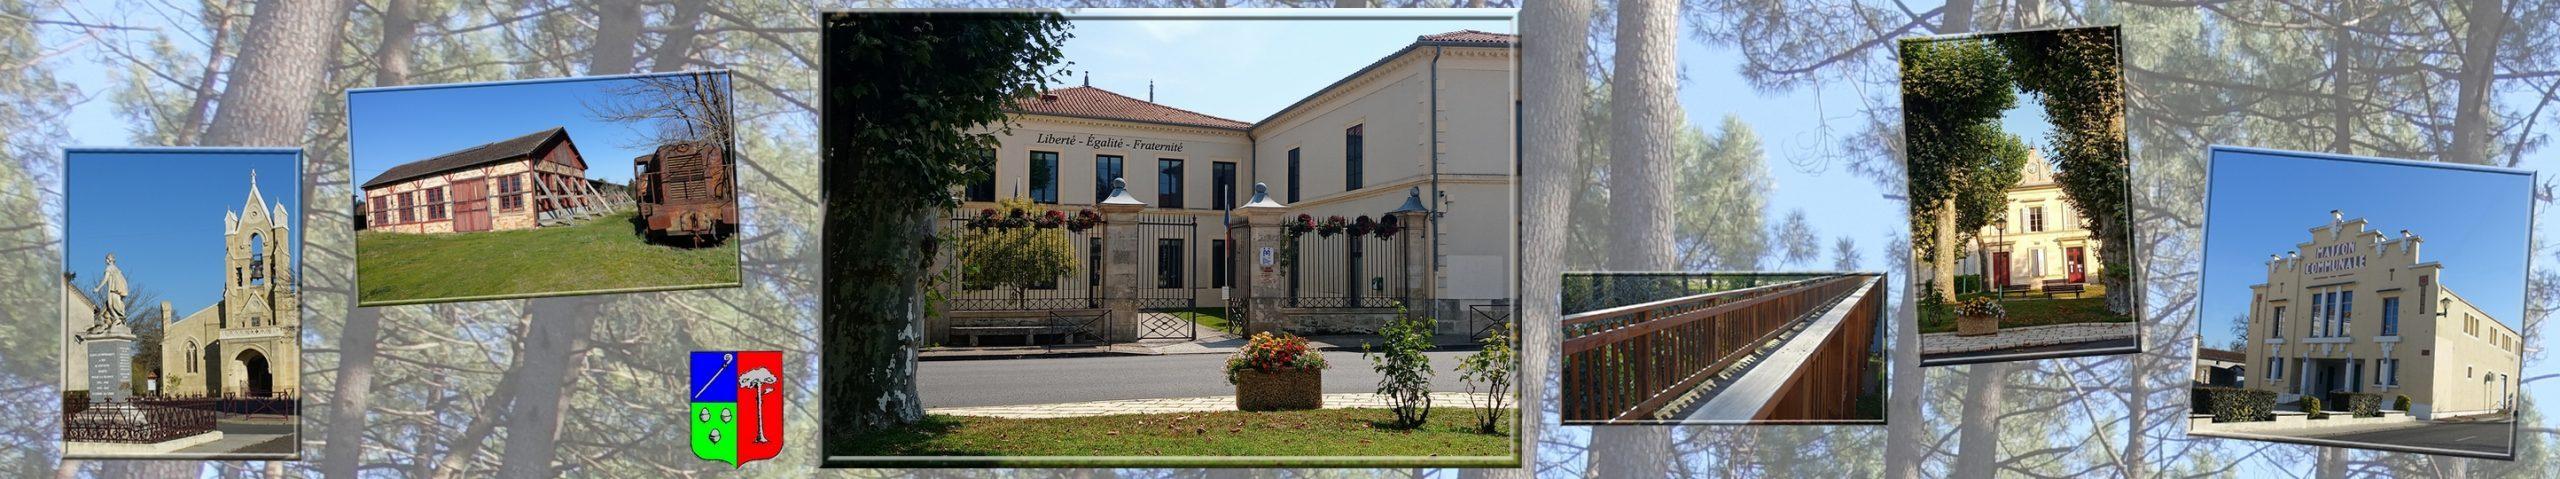 Bienvenue à Saint-Symphorien 33113